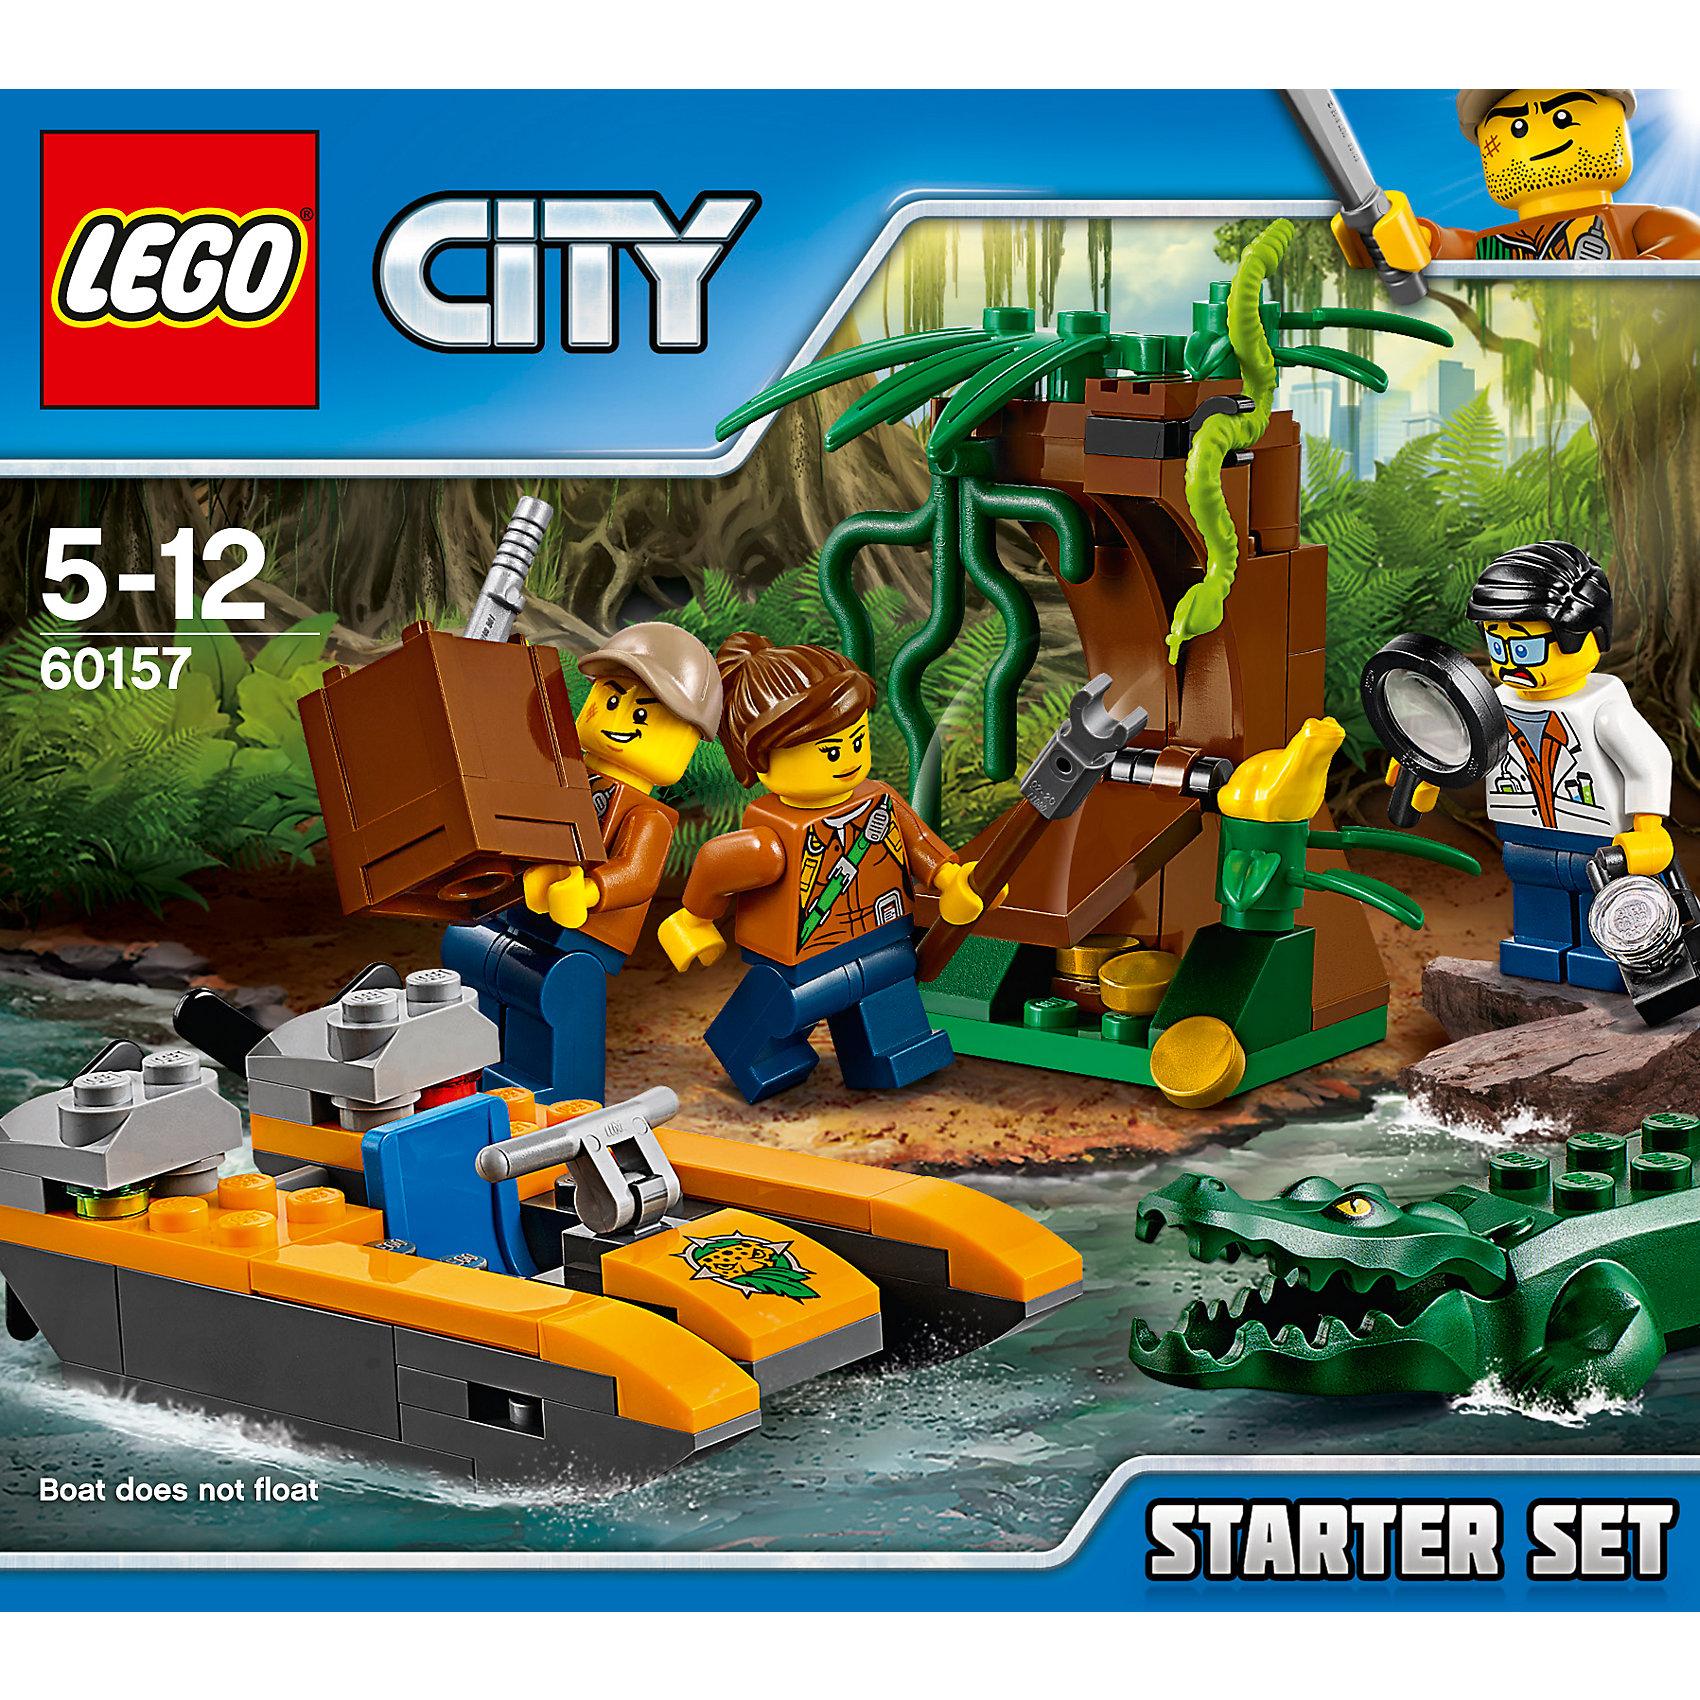 LEGO City 60157: Набор «Джунгли» для начинающихКонструкторы Лего<br><br><br>Ширина мм: 159<br>Глубина мм: 142<br>Высота мм: 63<br>Вес г: 142<br>Возраст от месяцев: 60<br>Возраст до месяцев: 144<br>Пол: Мужской<br>Возраст: Детский<br>SKU: 5620027